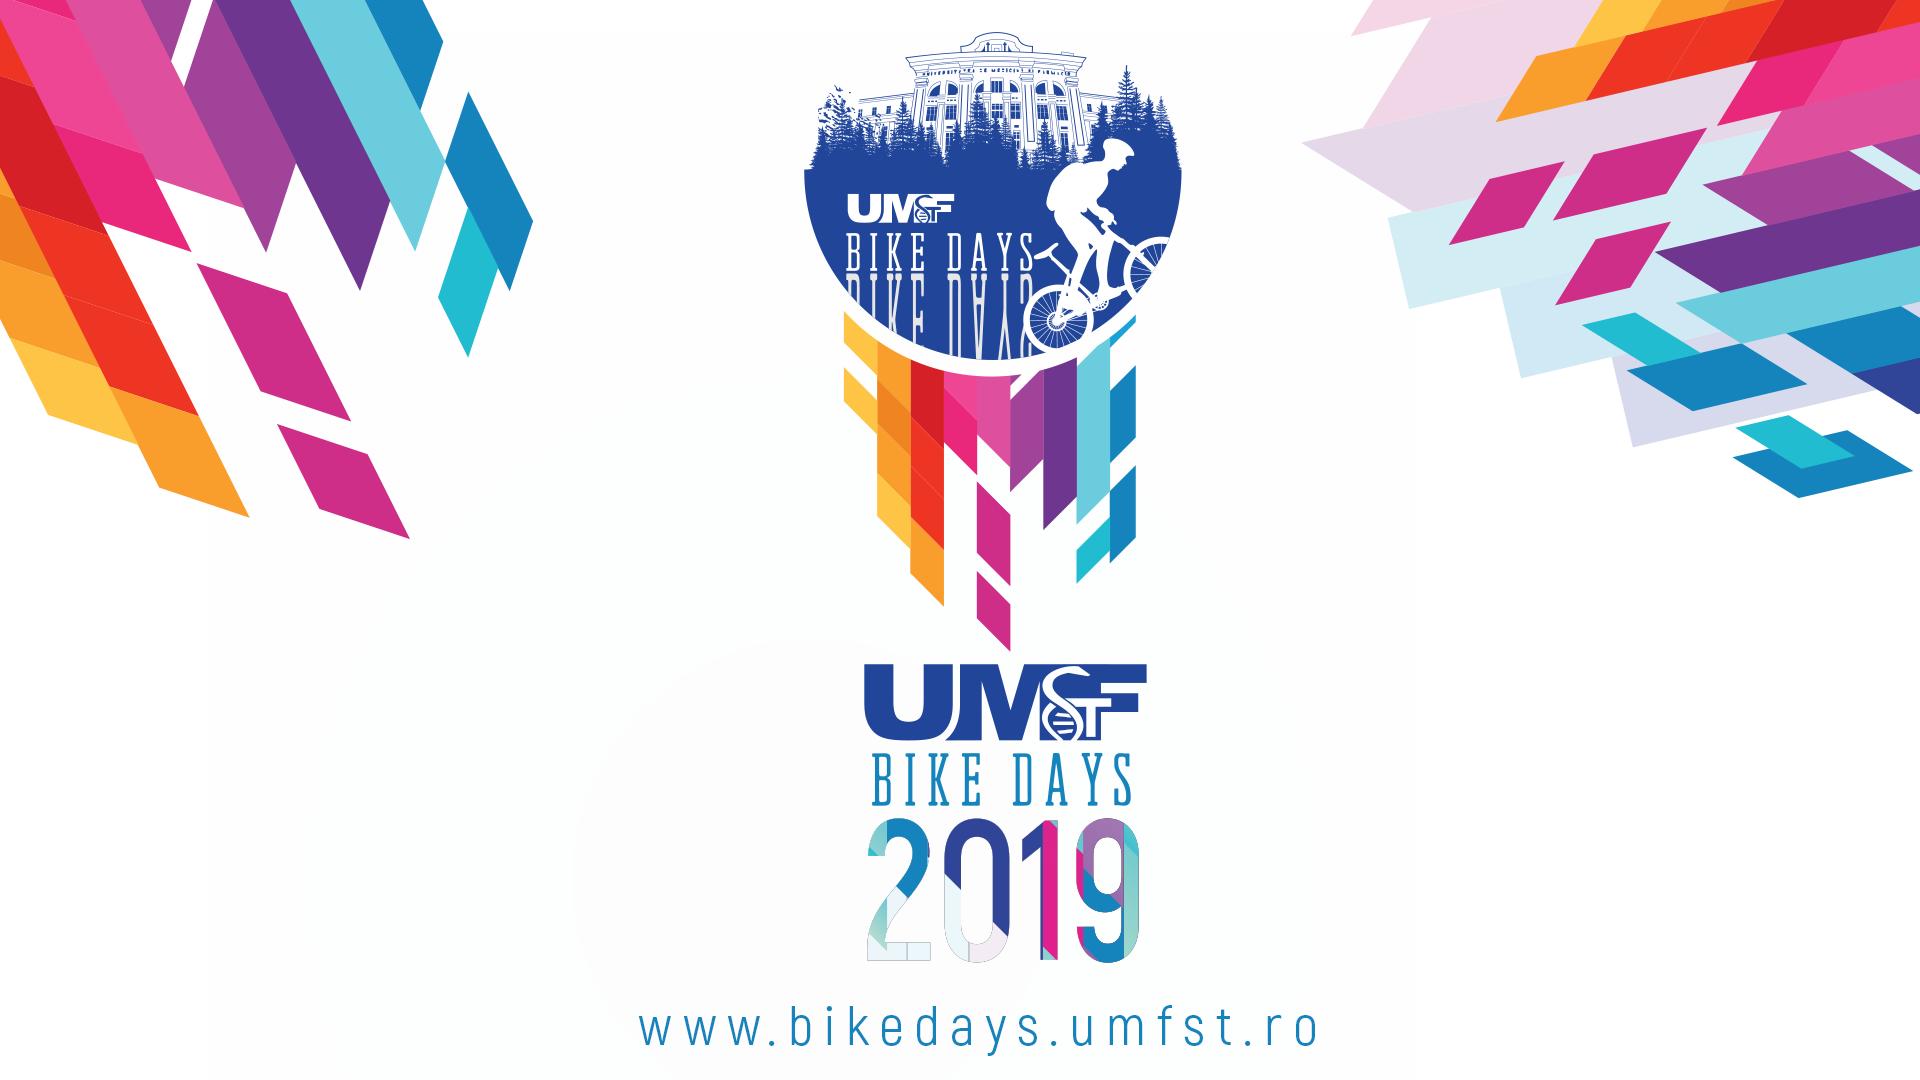 A doua ediție UMFST Bike Days la Universitatea de Medicină, Farmacie, Științe și Tehnologie din Târgu Mureș